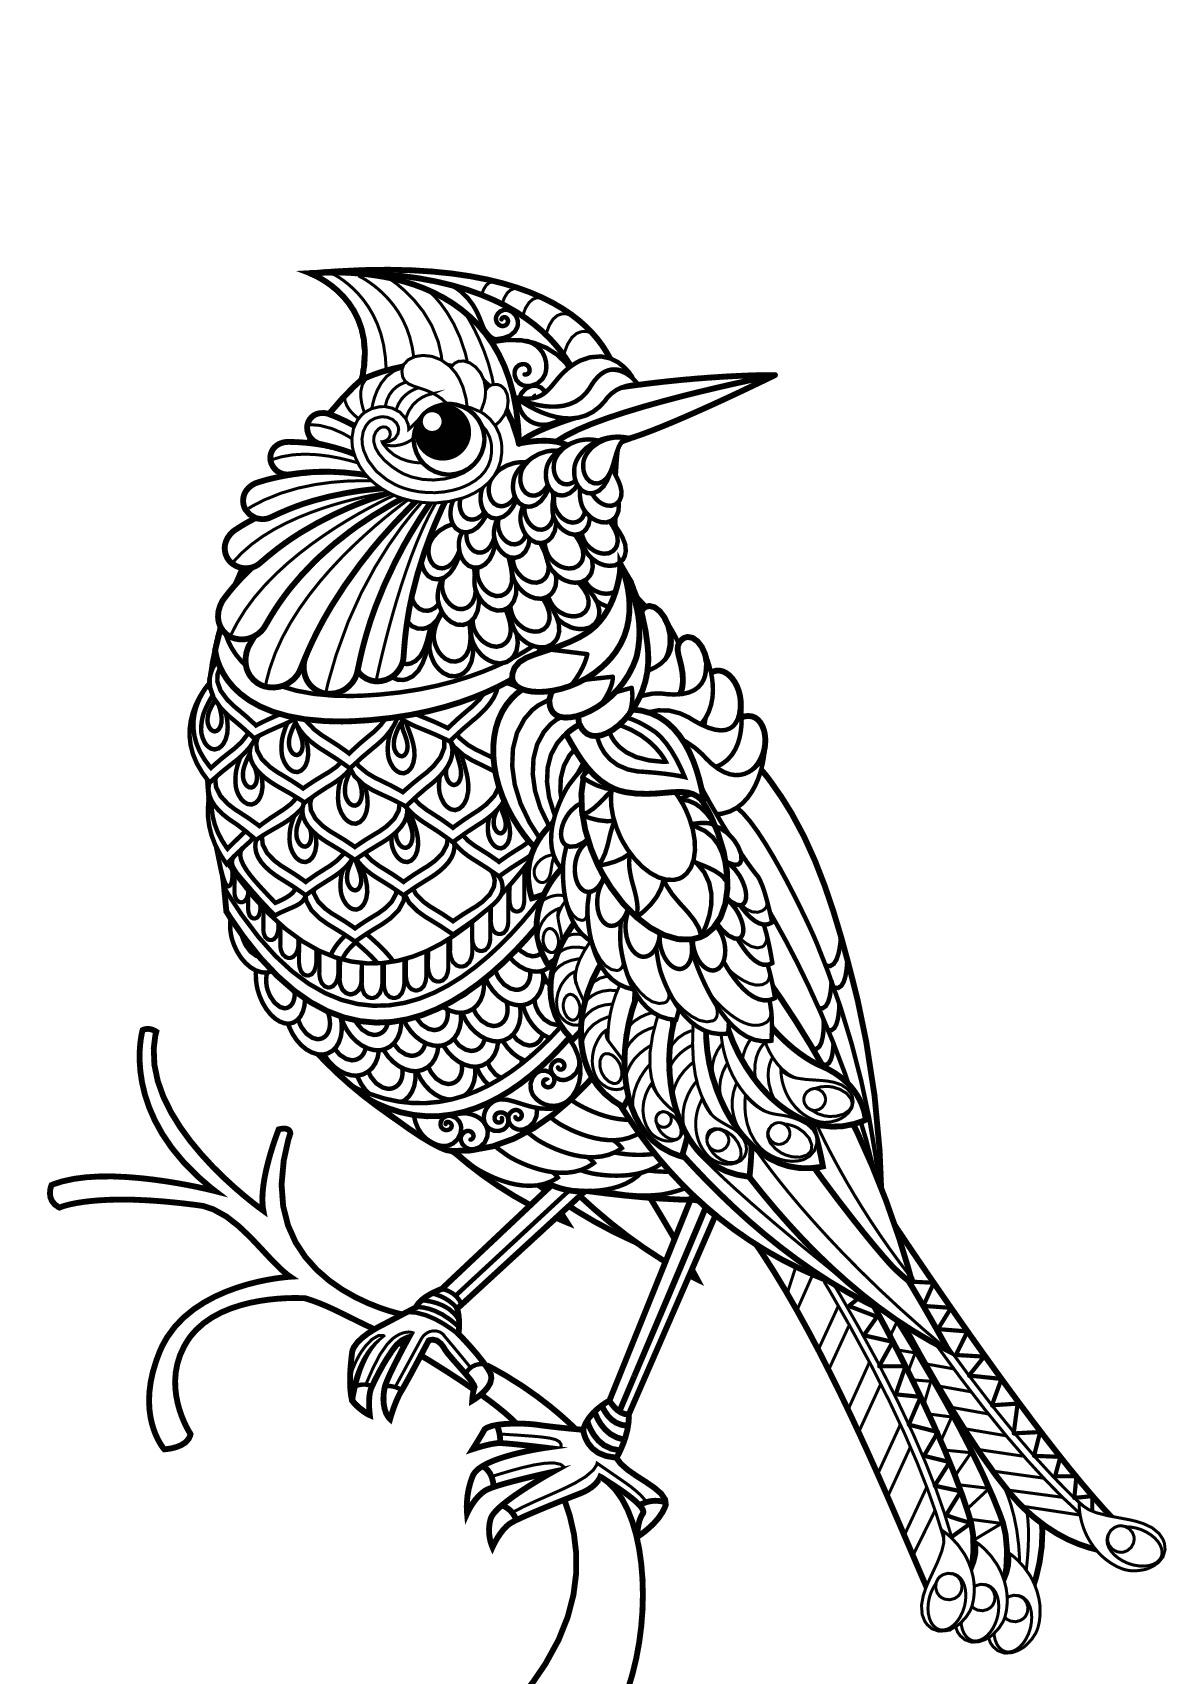 Livre Gratuit Oiseau - Oiseaux - Coloriages Difficiles Pour tout Jeux De Oiseau Gratuit